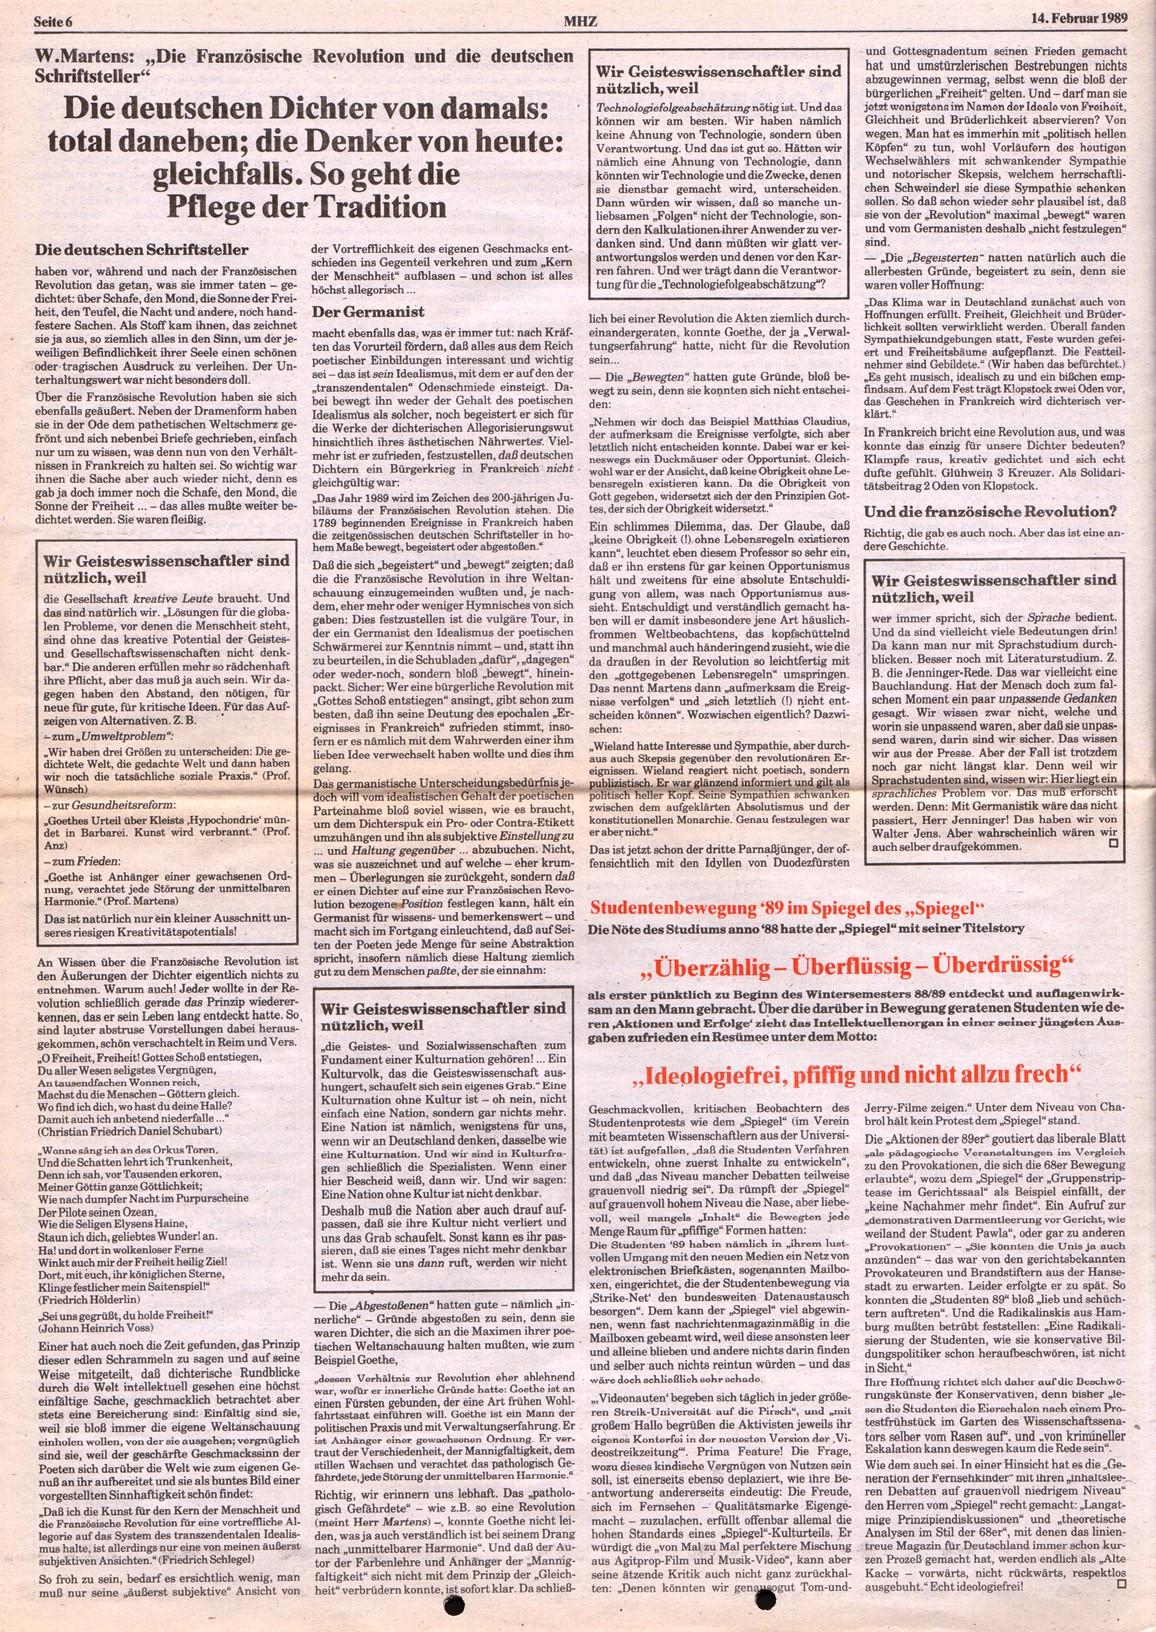 Muenchen_MG_Hochschulzeitung_19890214_06